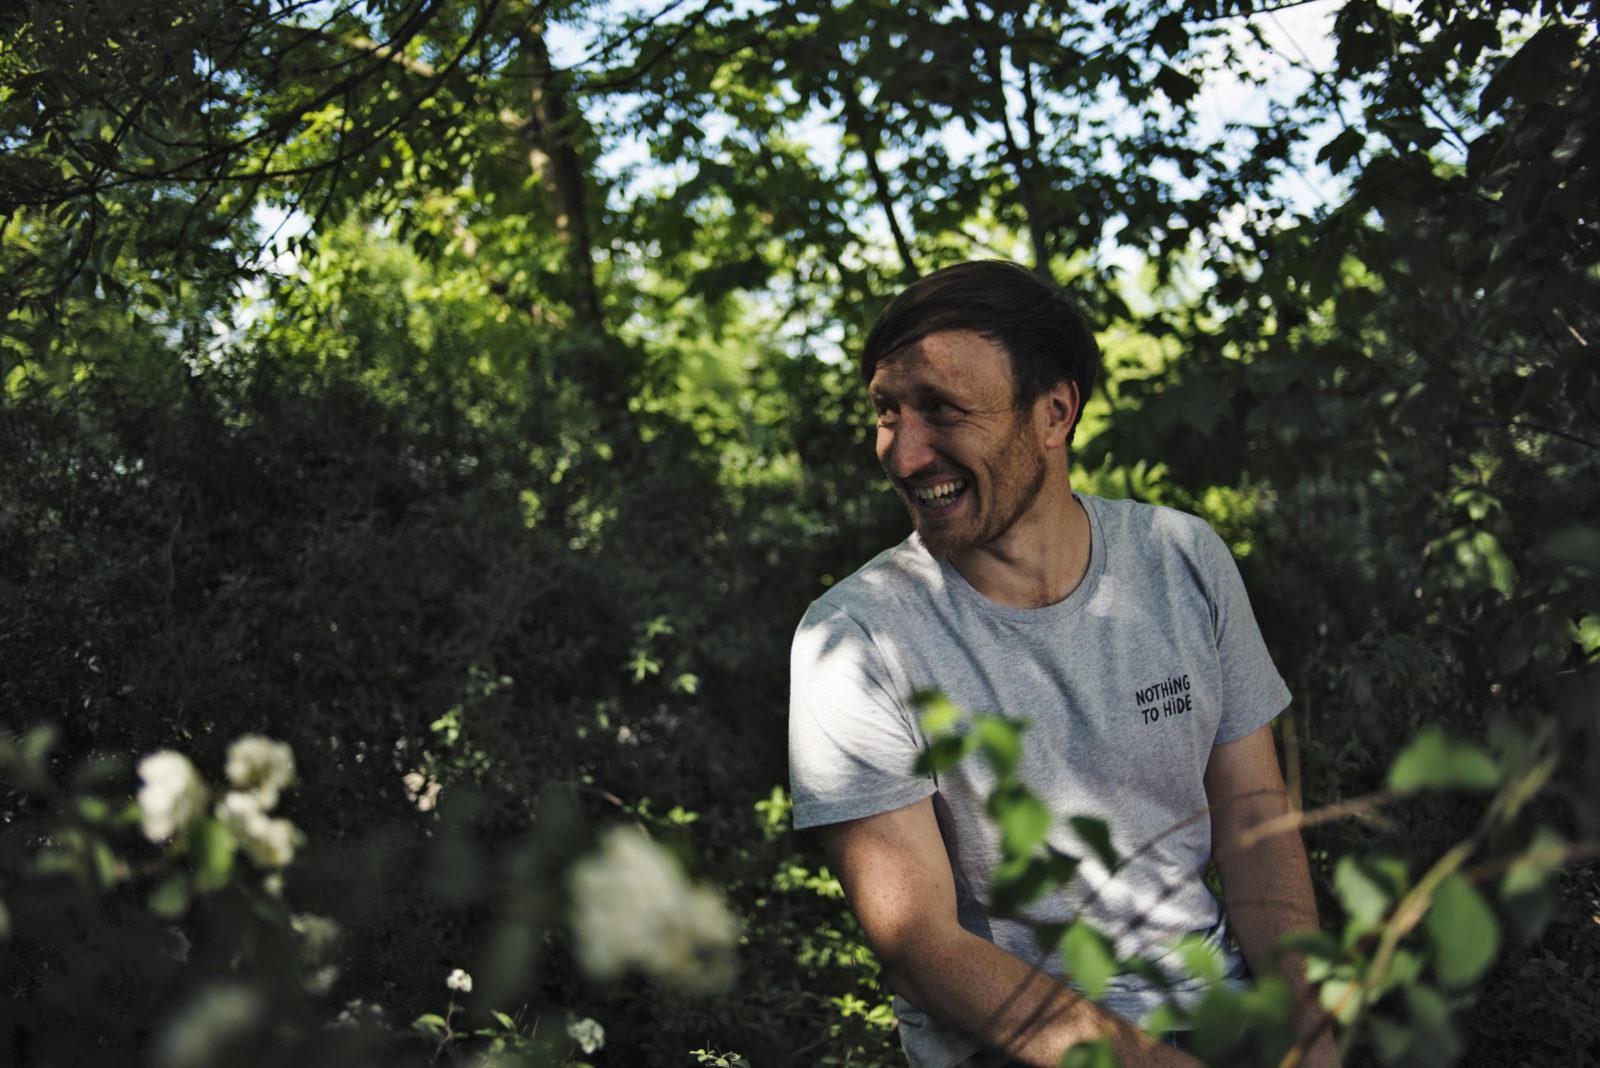 10 Jahre ARMEDANGELS | Z² – Zahn und Zieger unterwegs | Neulich in Marzahn | Foto: René Zieger | GROSS∆RTIG